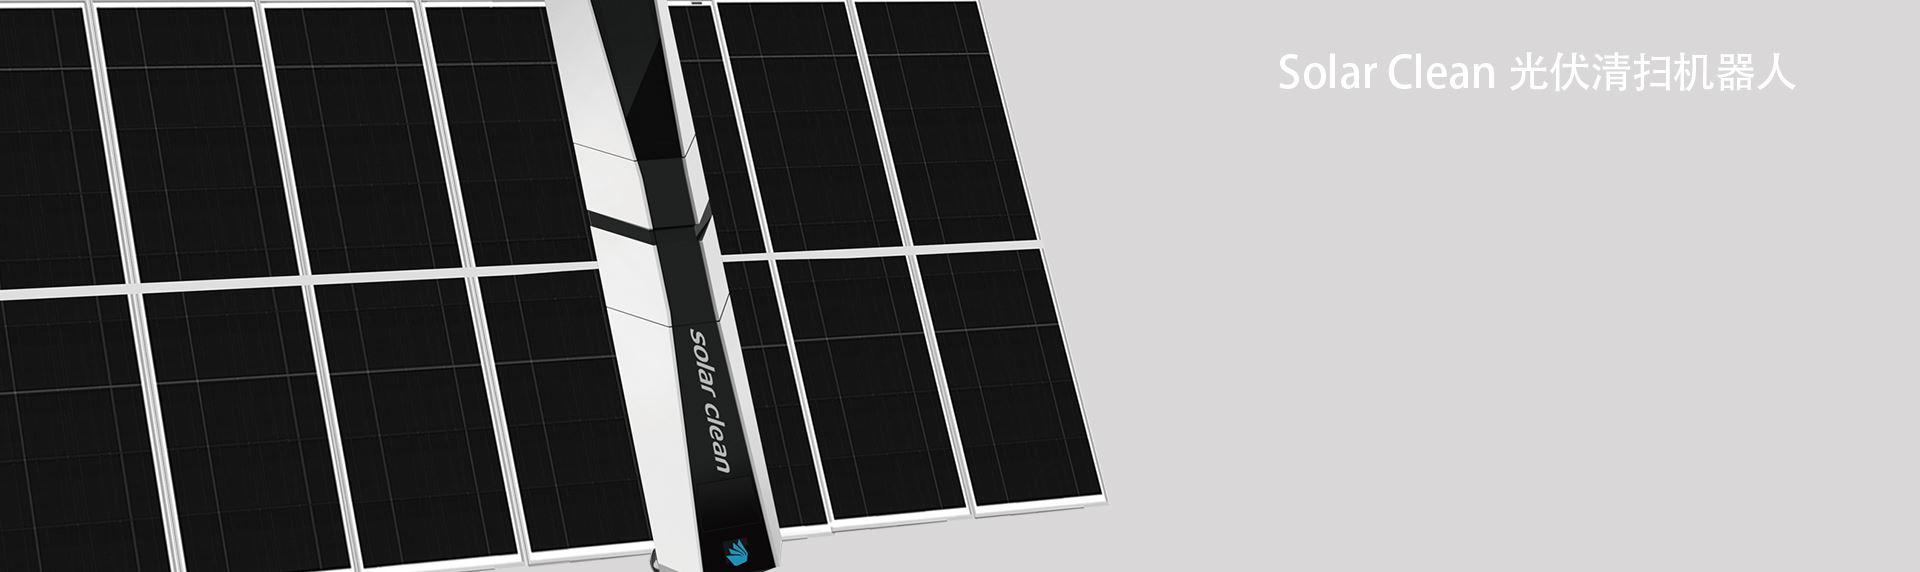 全网科技-Solar Clean 光伏清扫机器人